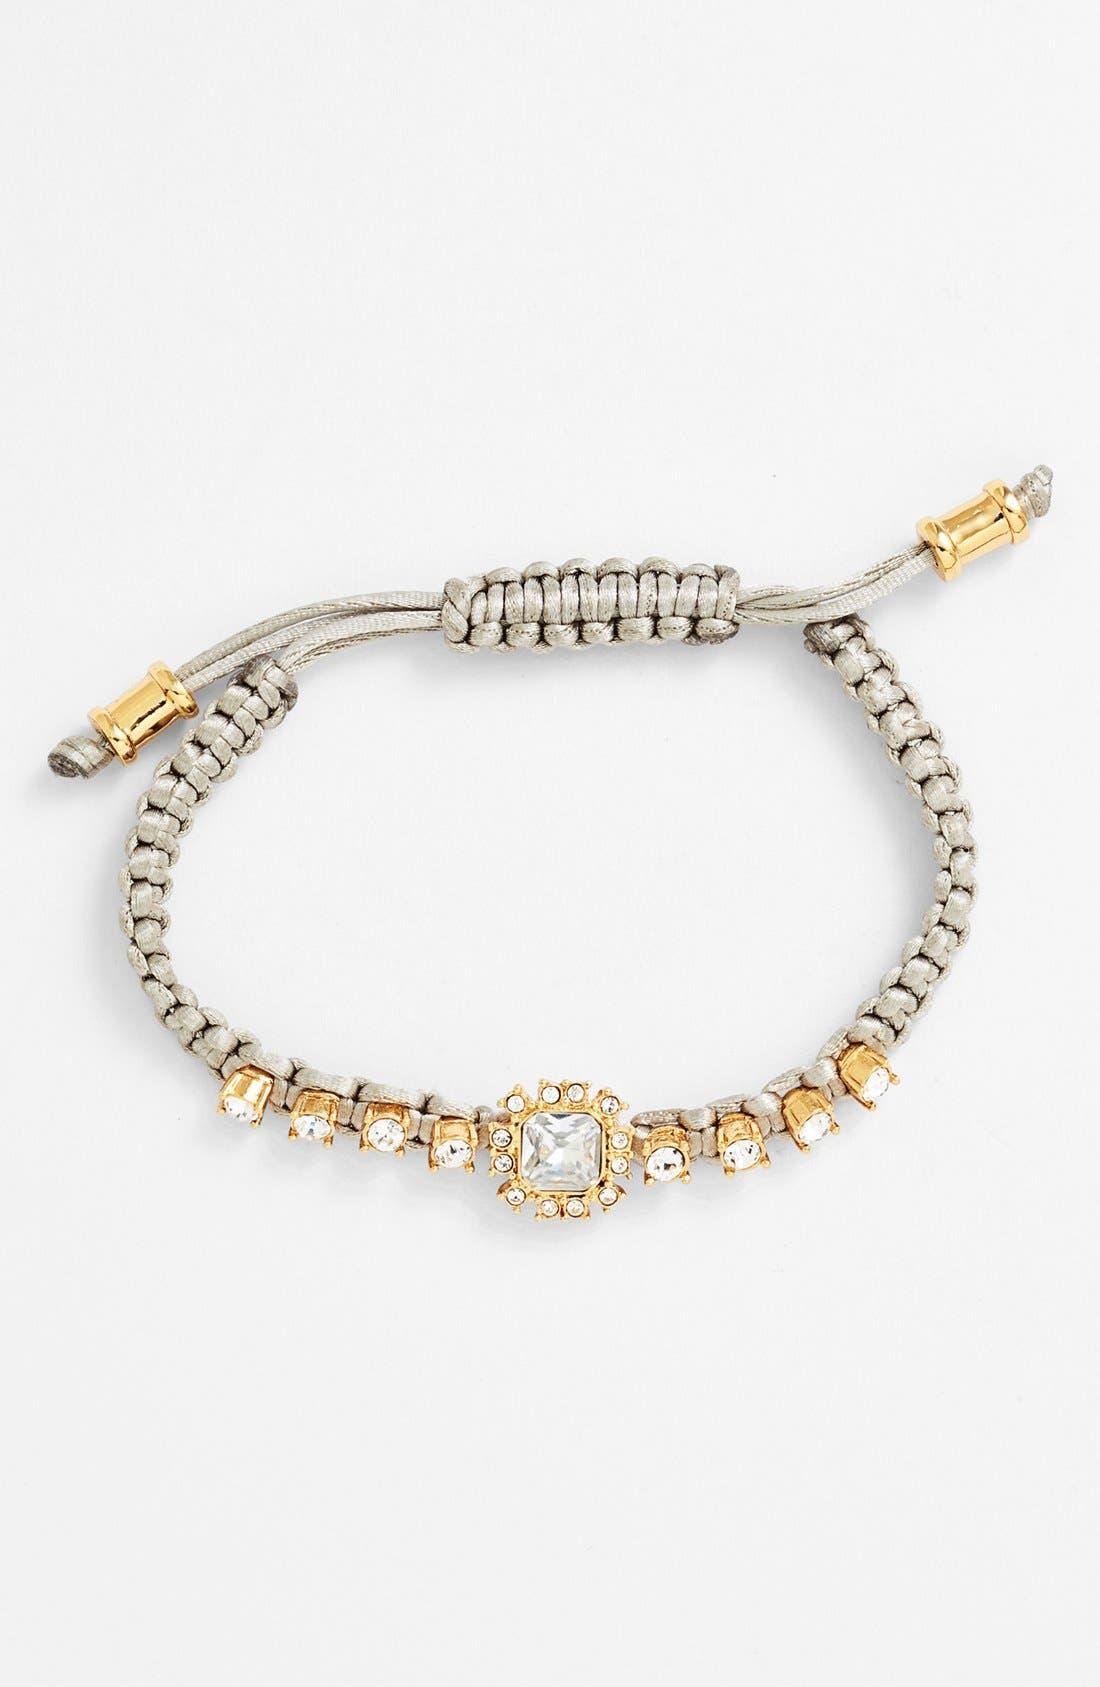 Main Image - Vince Camuto 'Study' Macramé Bracelet